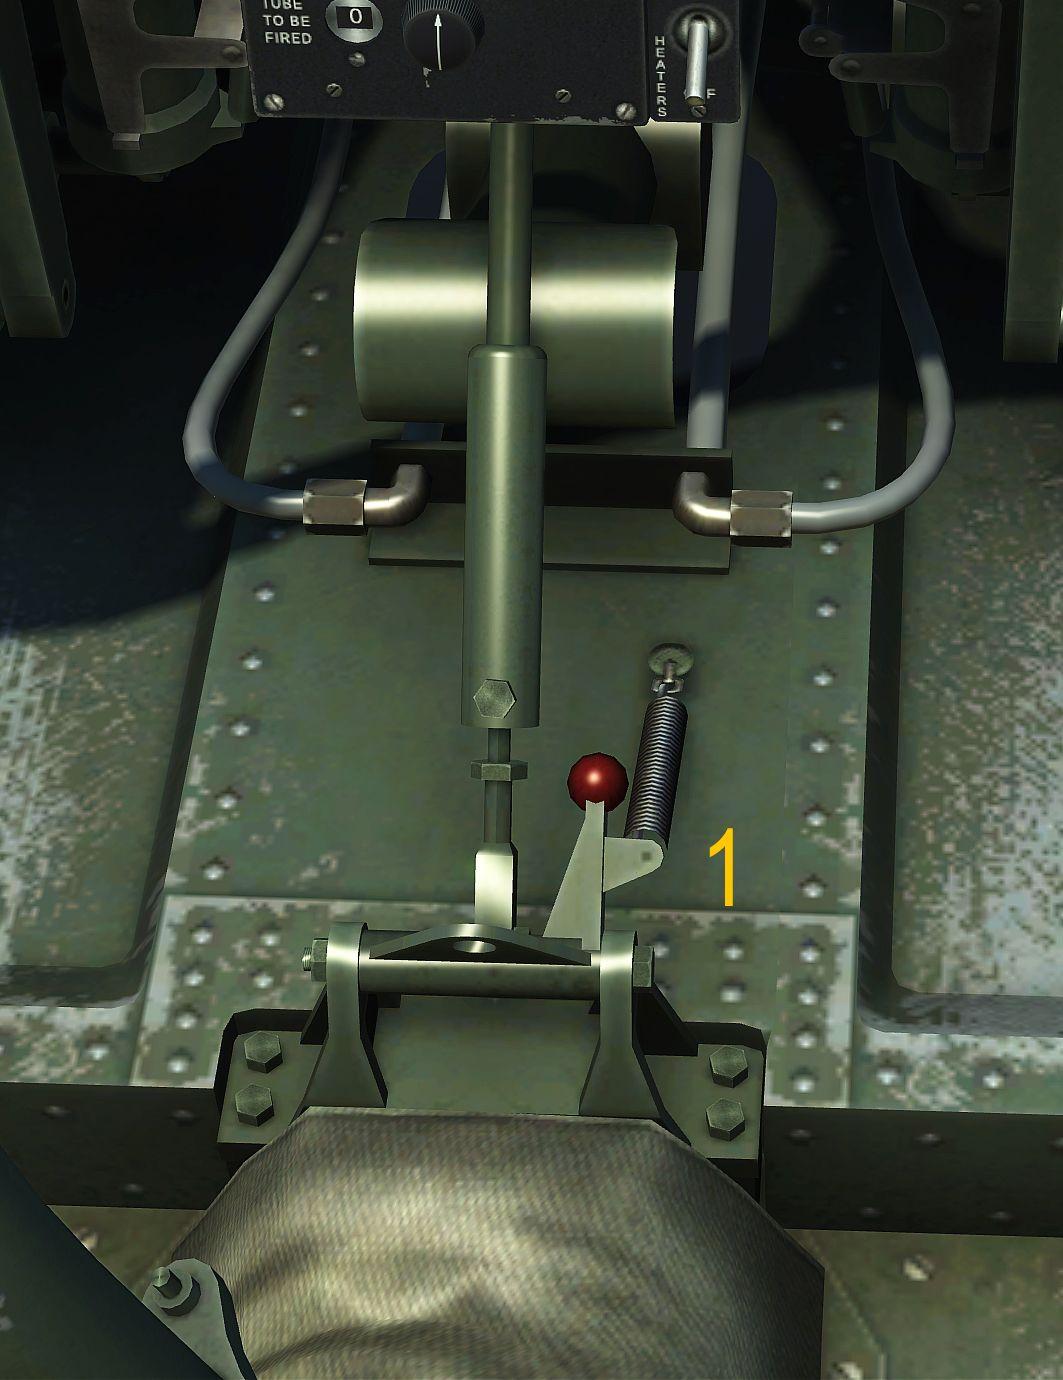 [FICHE] Republic P47-D-28-RE 5bdac06ac76b1